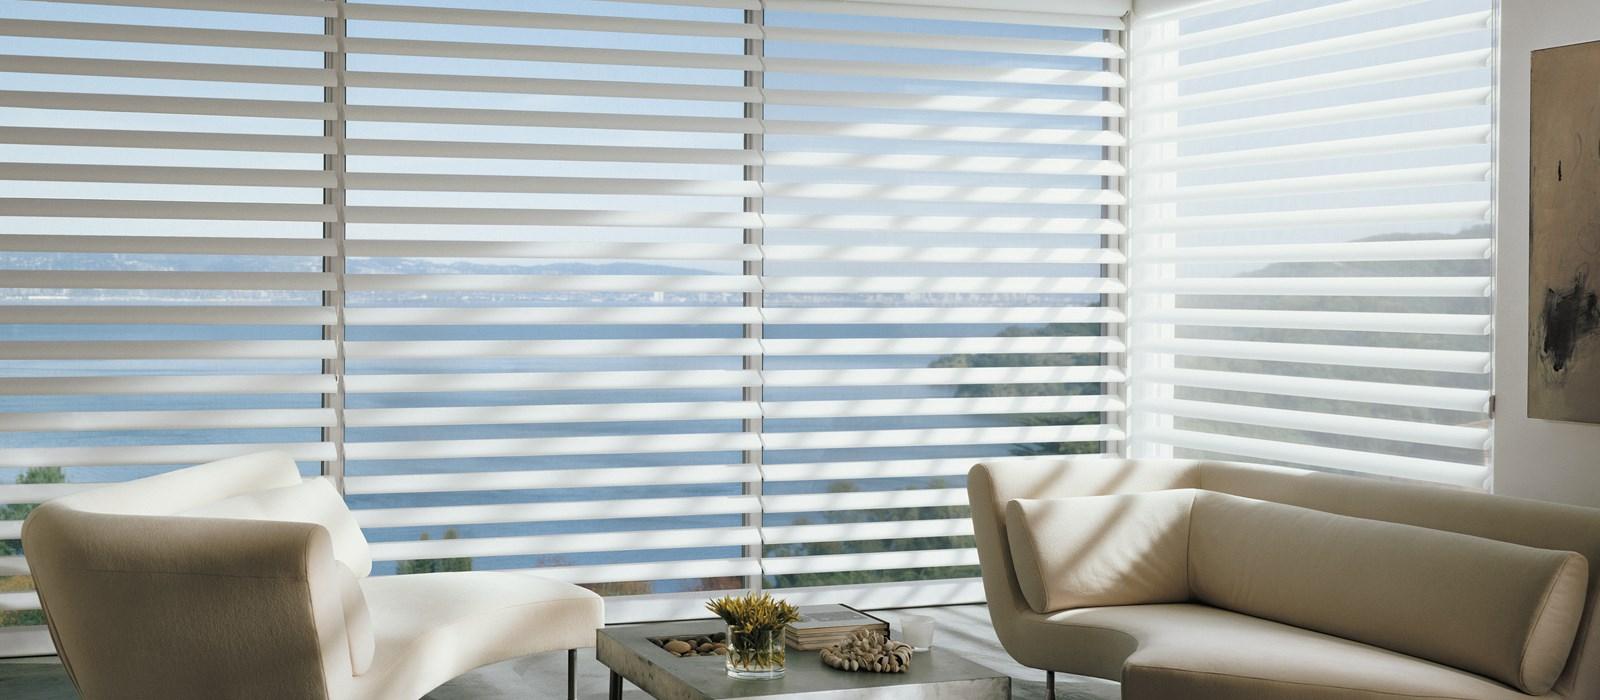 Cortinas para el hogar decoracin con telas en una ventana for Cortinas para el hogar